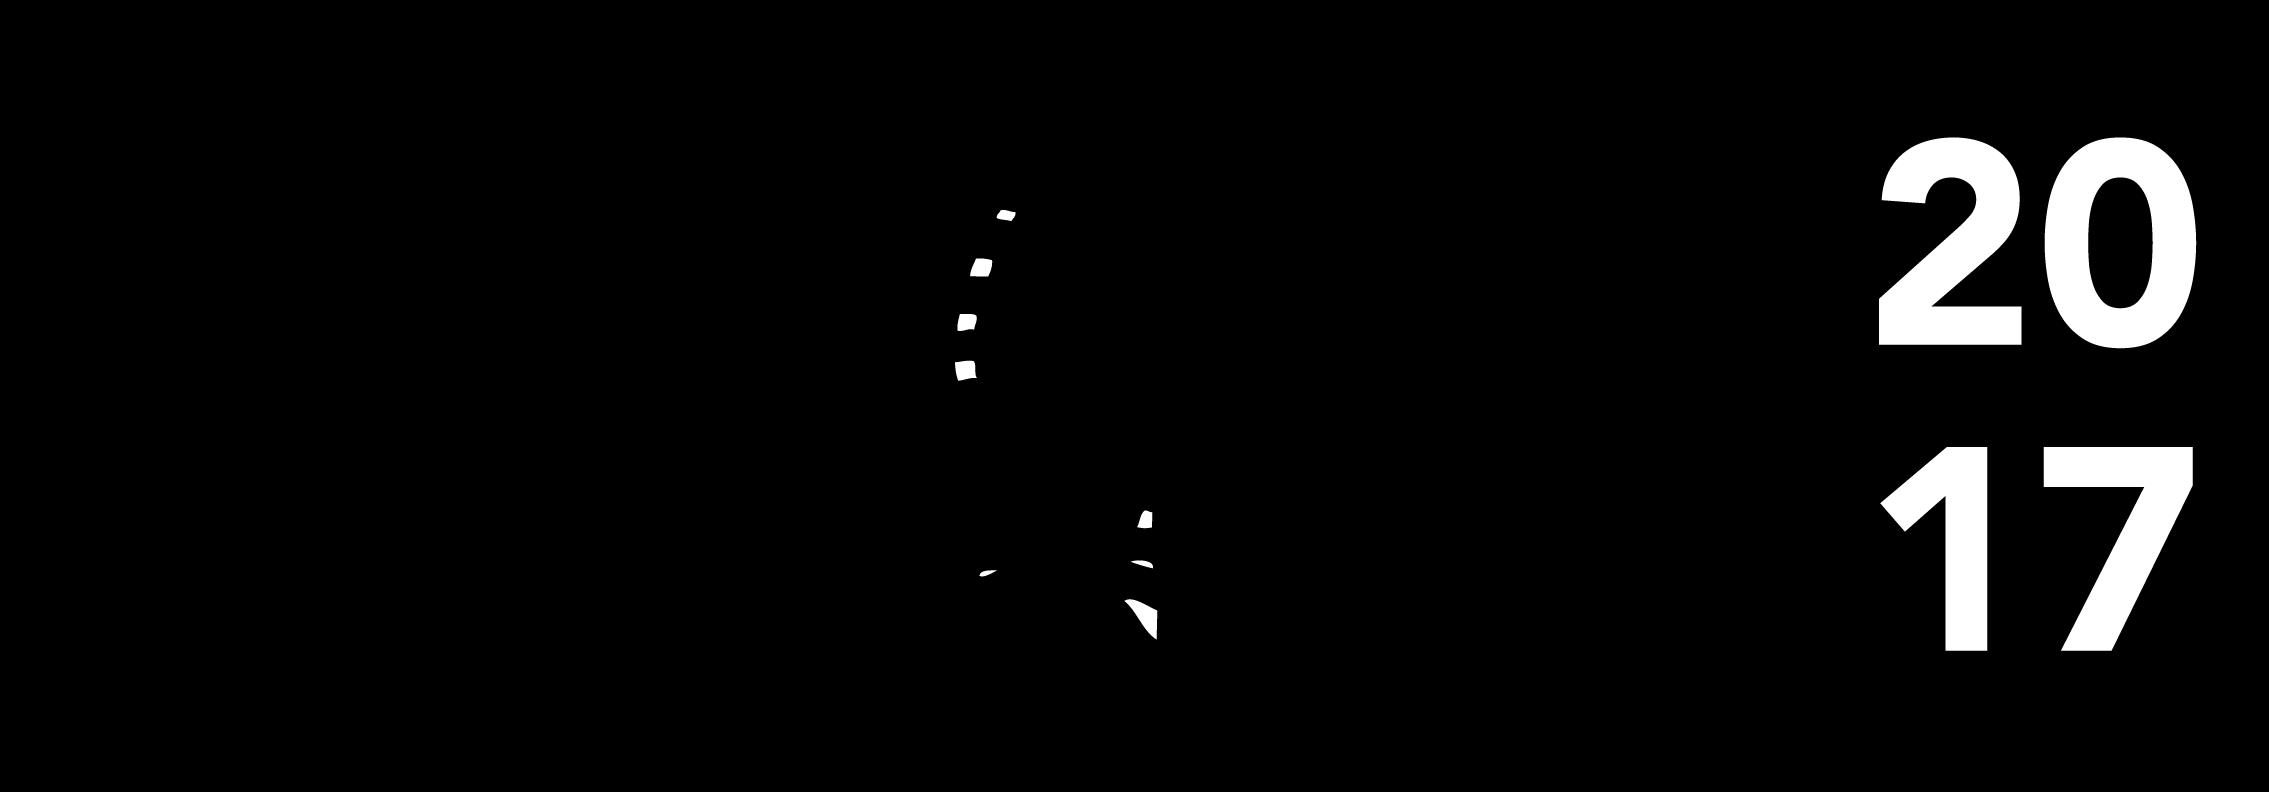 Eb97ca4c-44e6-4270-adbc-fe1638d29fba